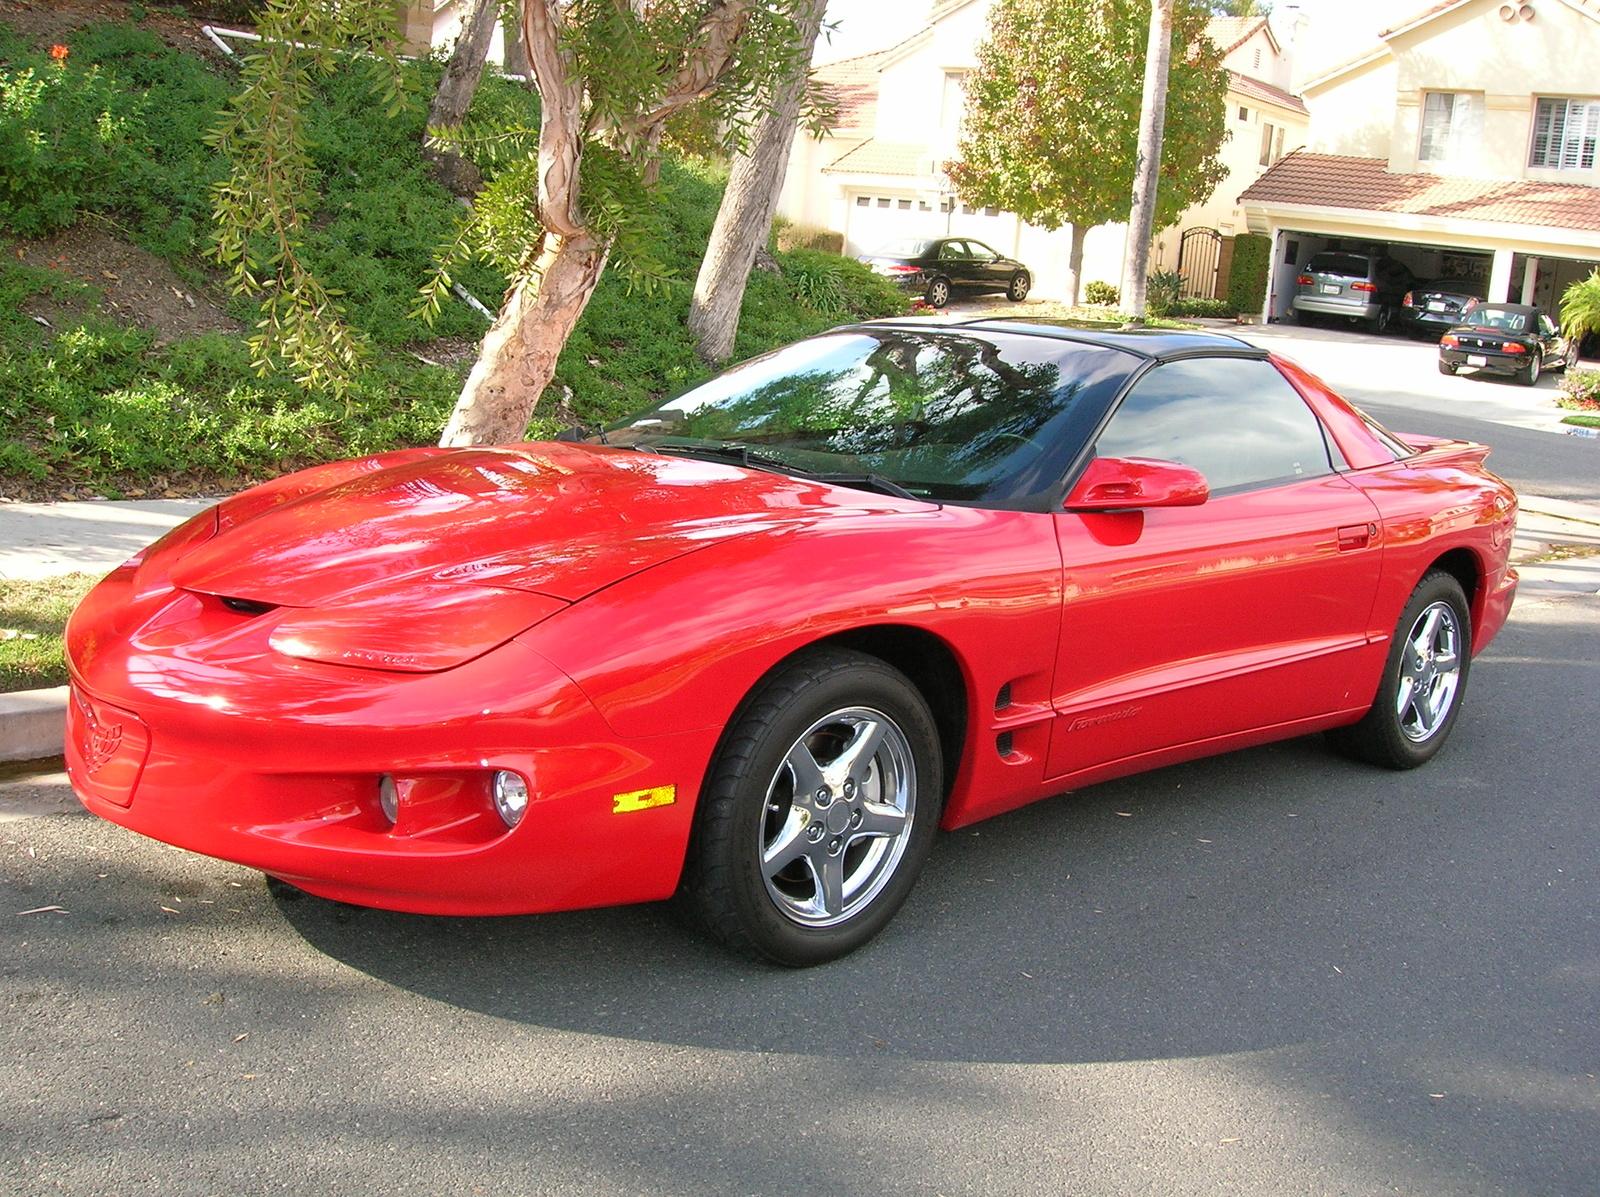 Picture of 2001 Pontiac Firebird Formula, exterior